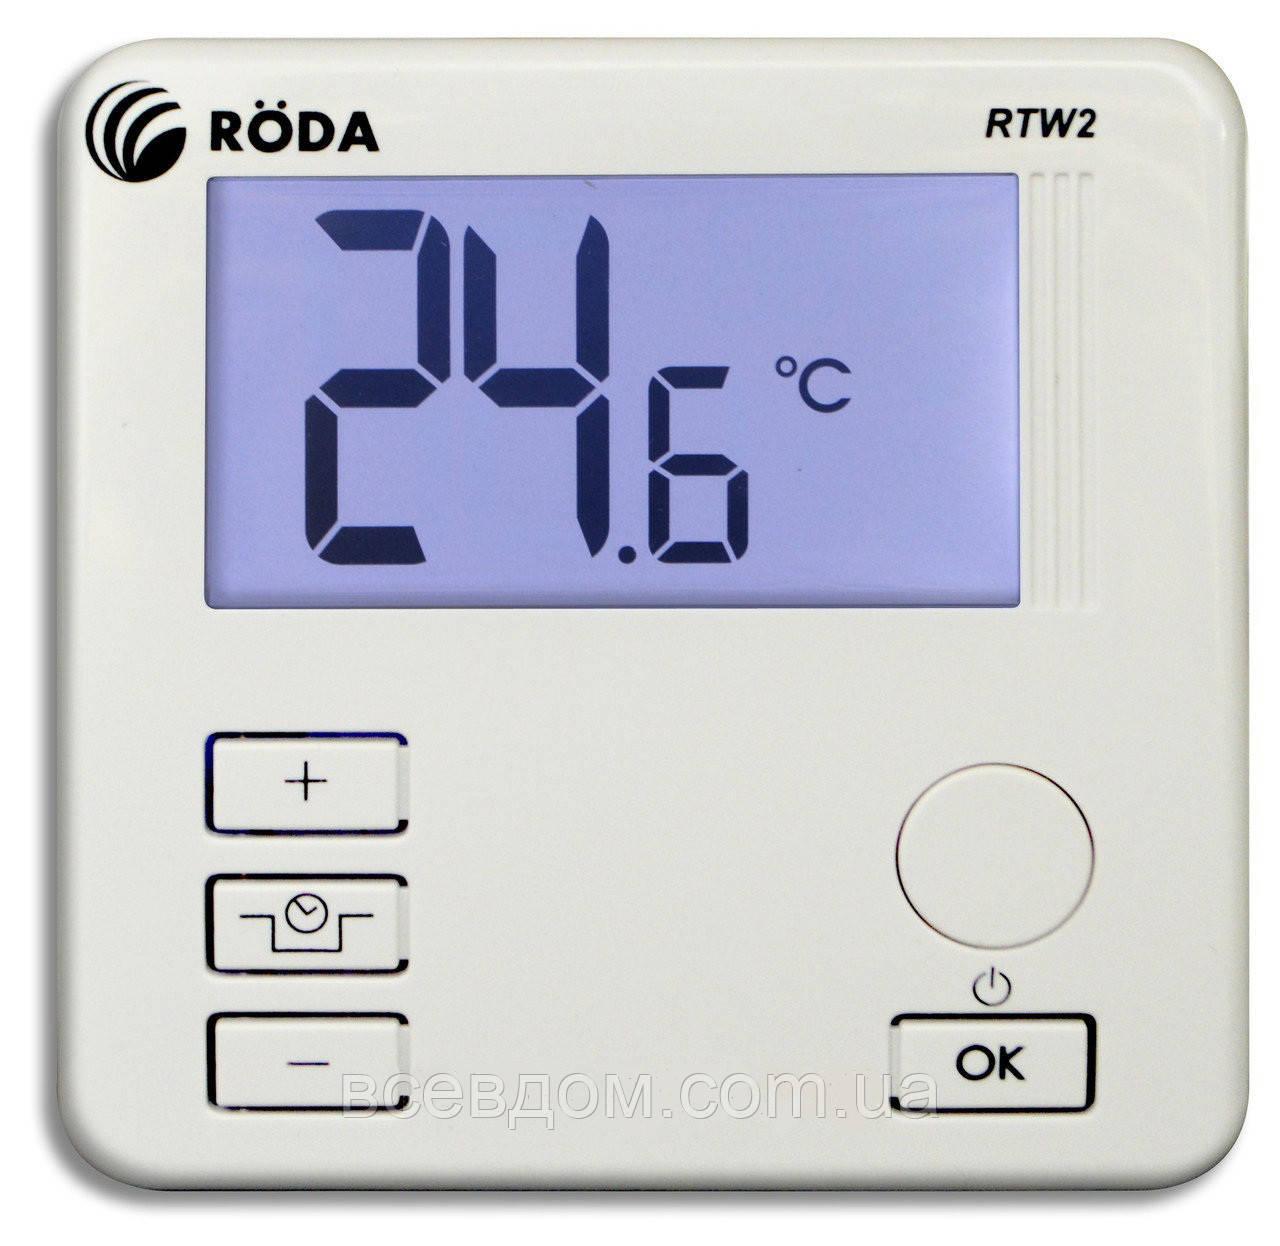 Комнатный термостат RODA RTW2 проводной суточный